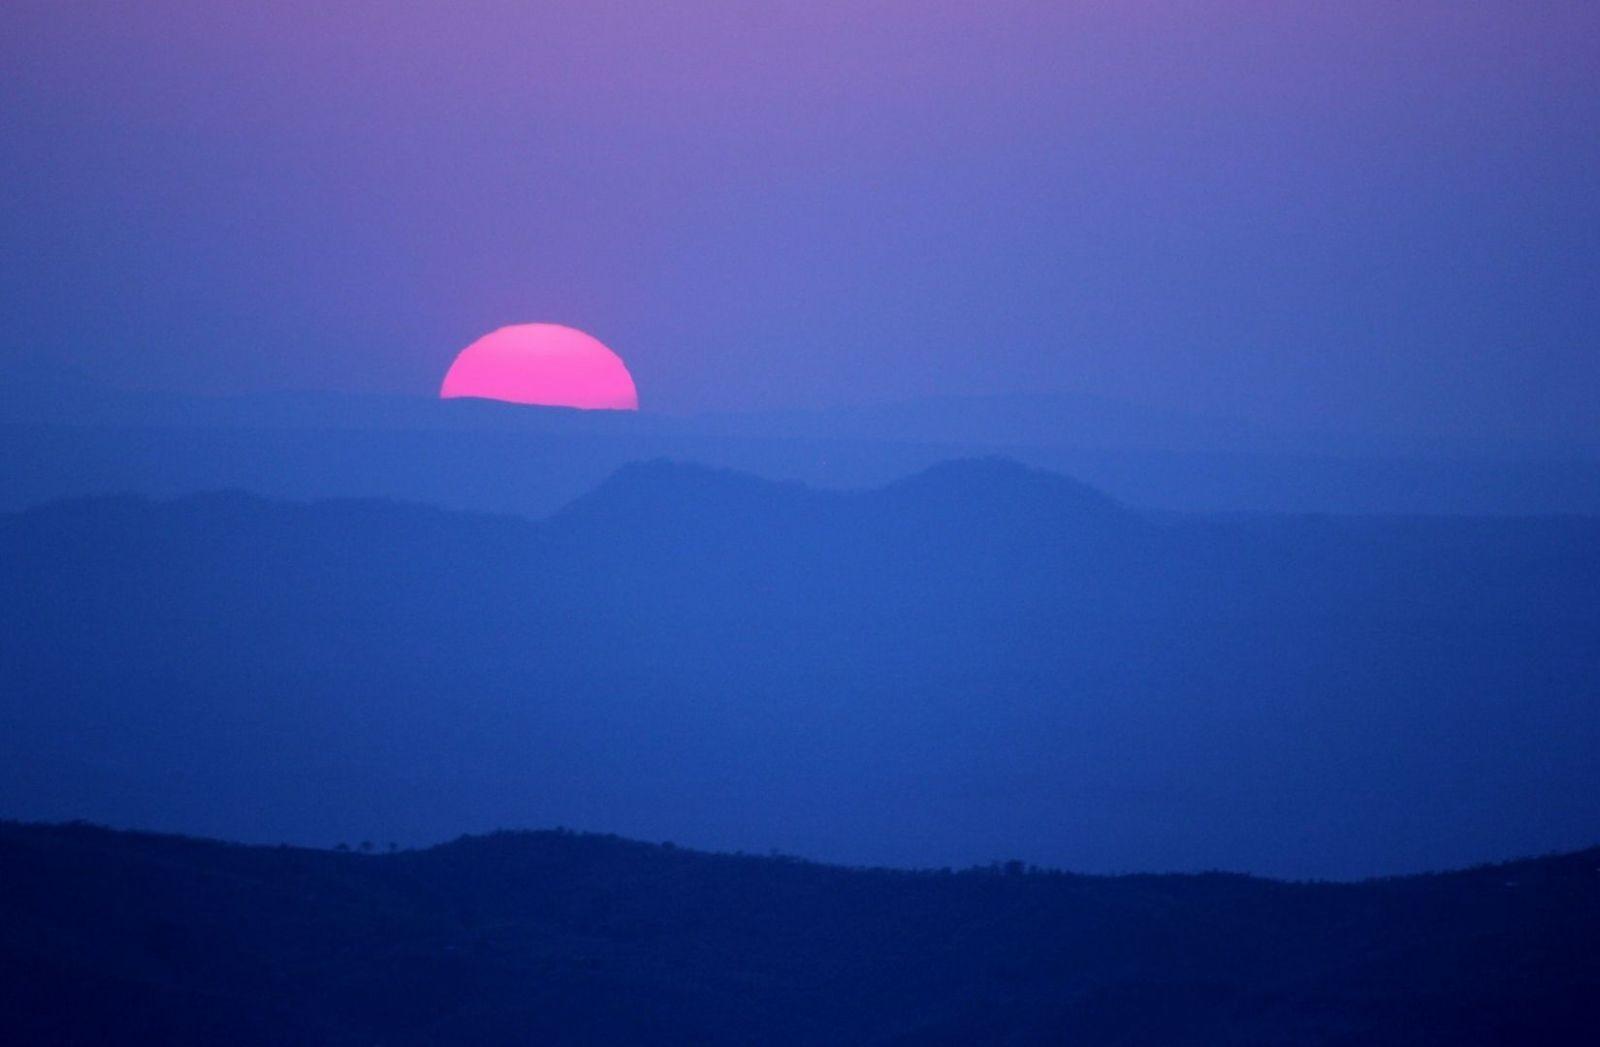 Sonnenuntergang in Malawi. (Foto: Craig Manners, Unsplash.com)